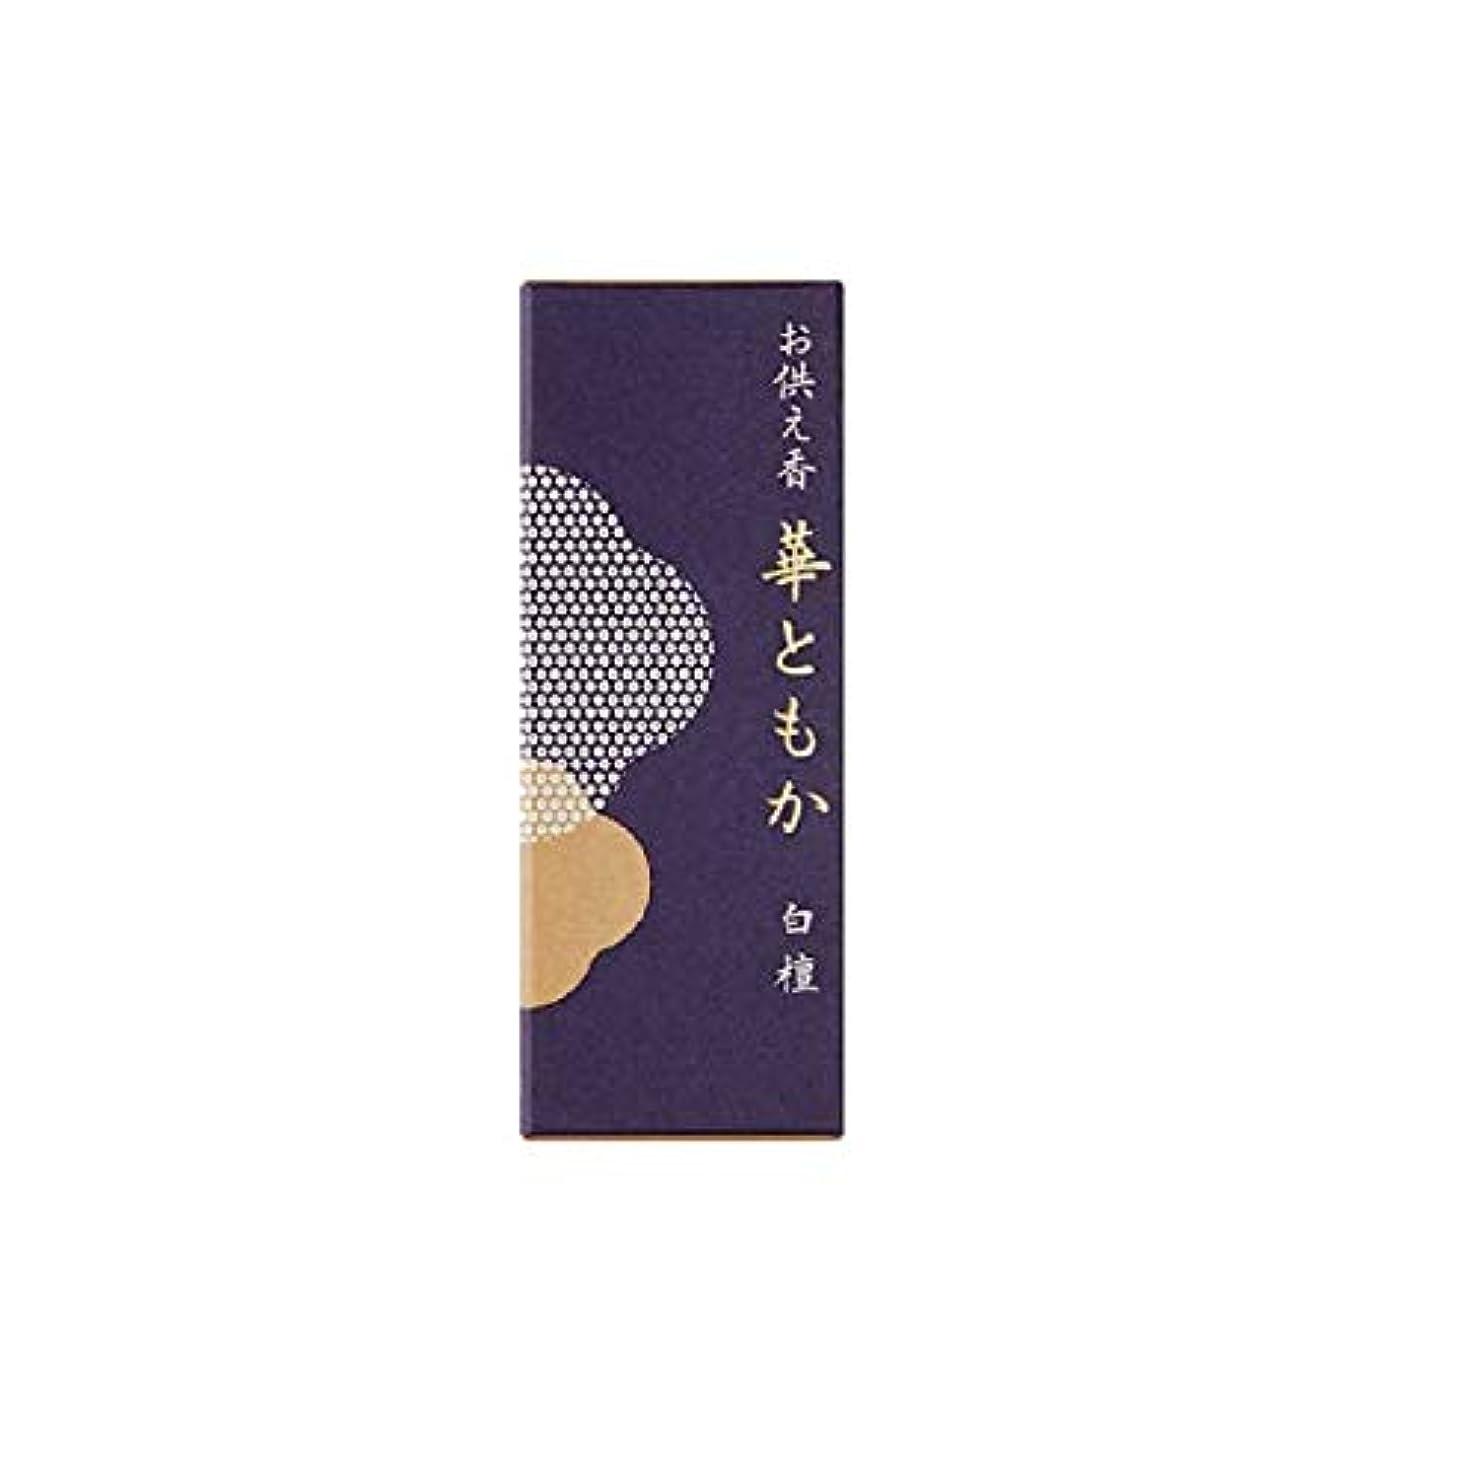 魅惑的なリズミカルなエロチックお供え香 華ともか 補充用香料 白檀の香り